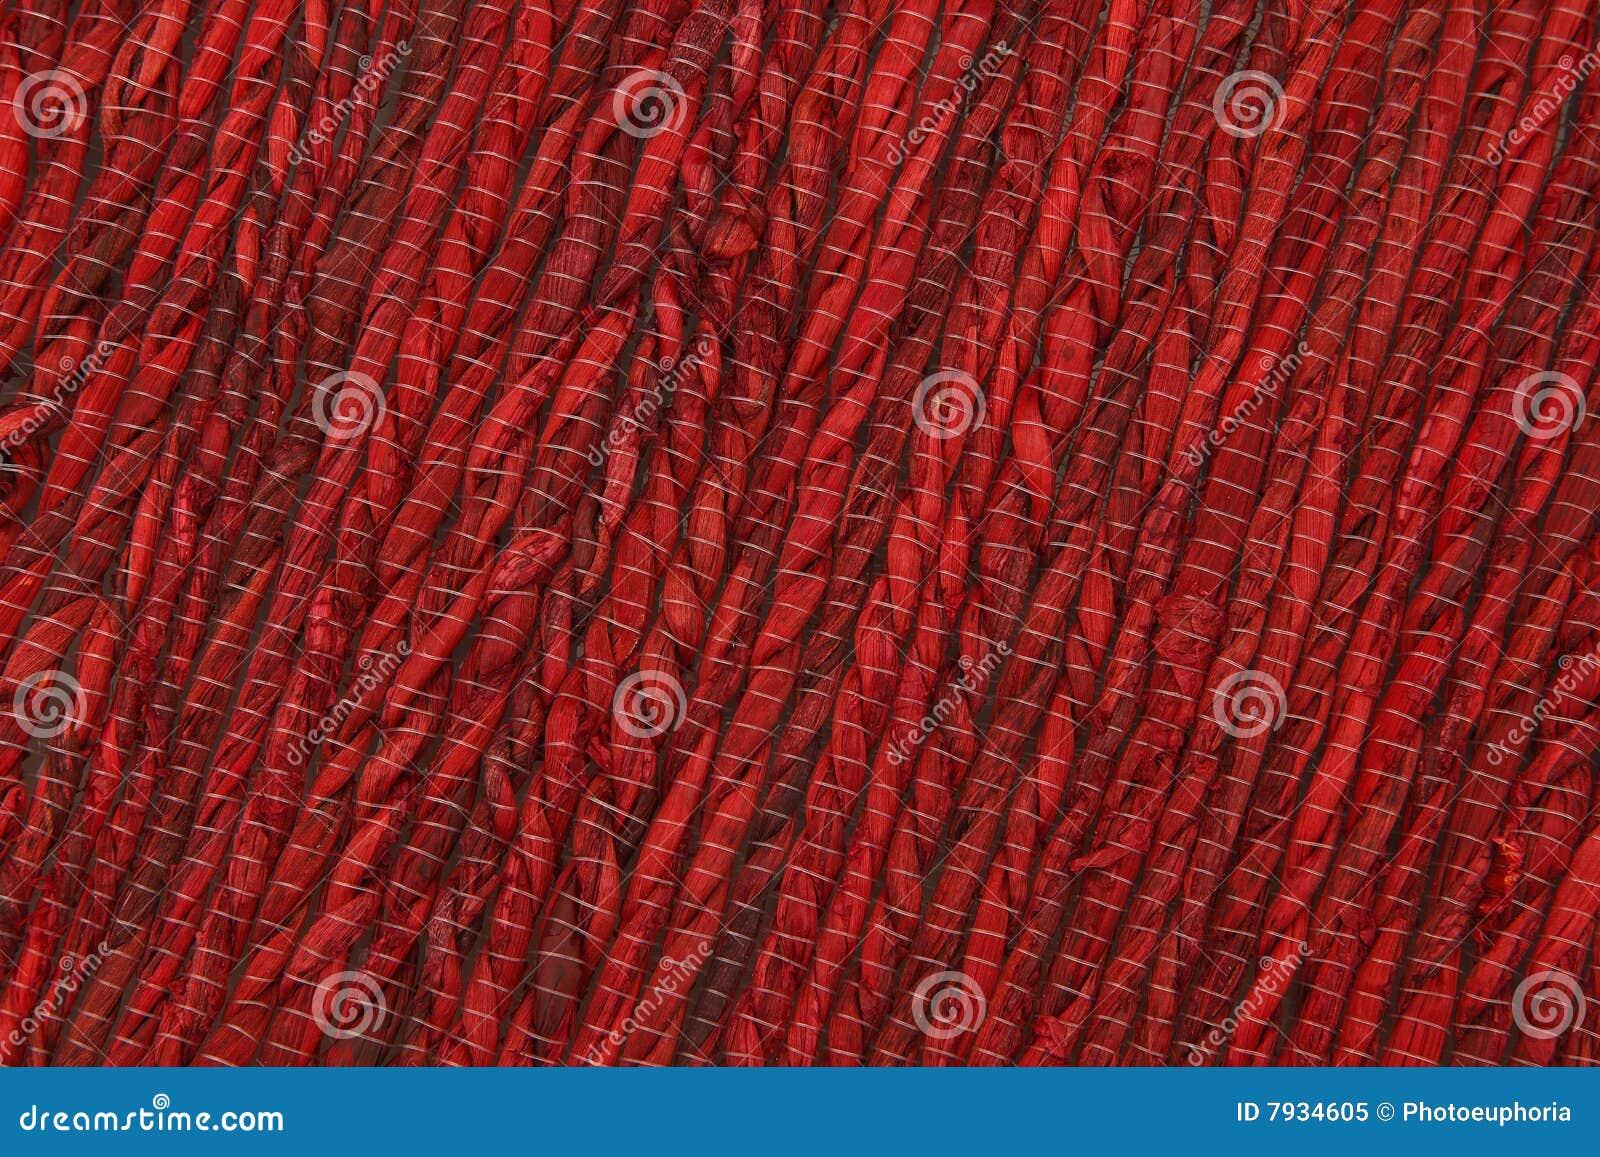 Rote Bambusmatten Beschaffenheit Stockbild Bild Von Platz Farbe